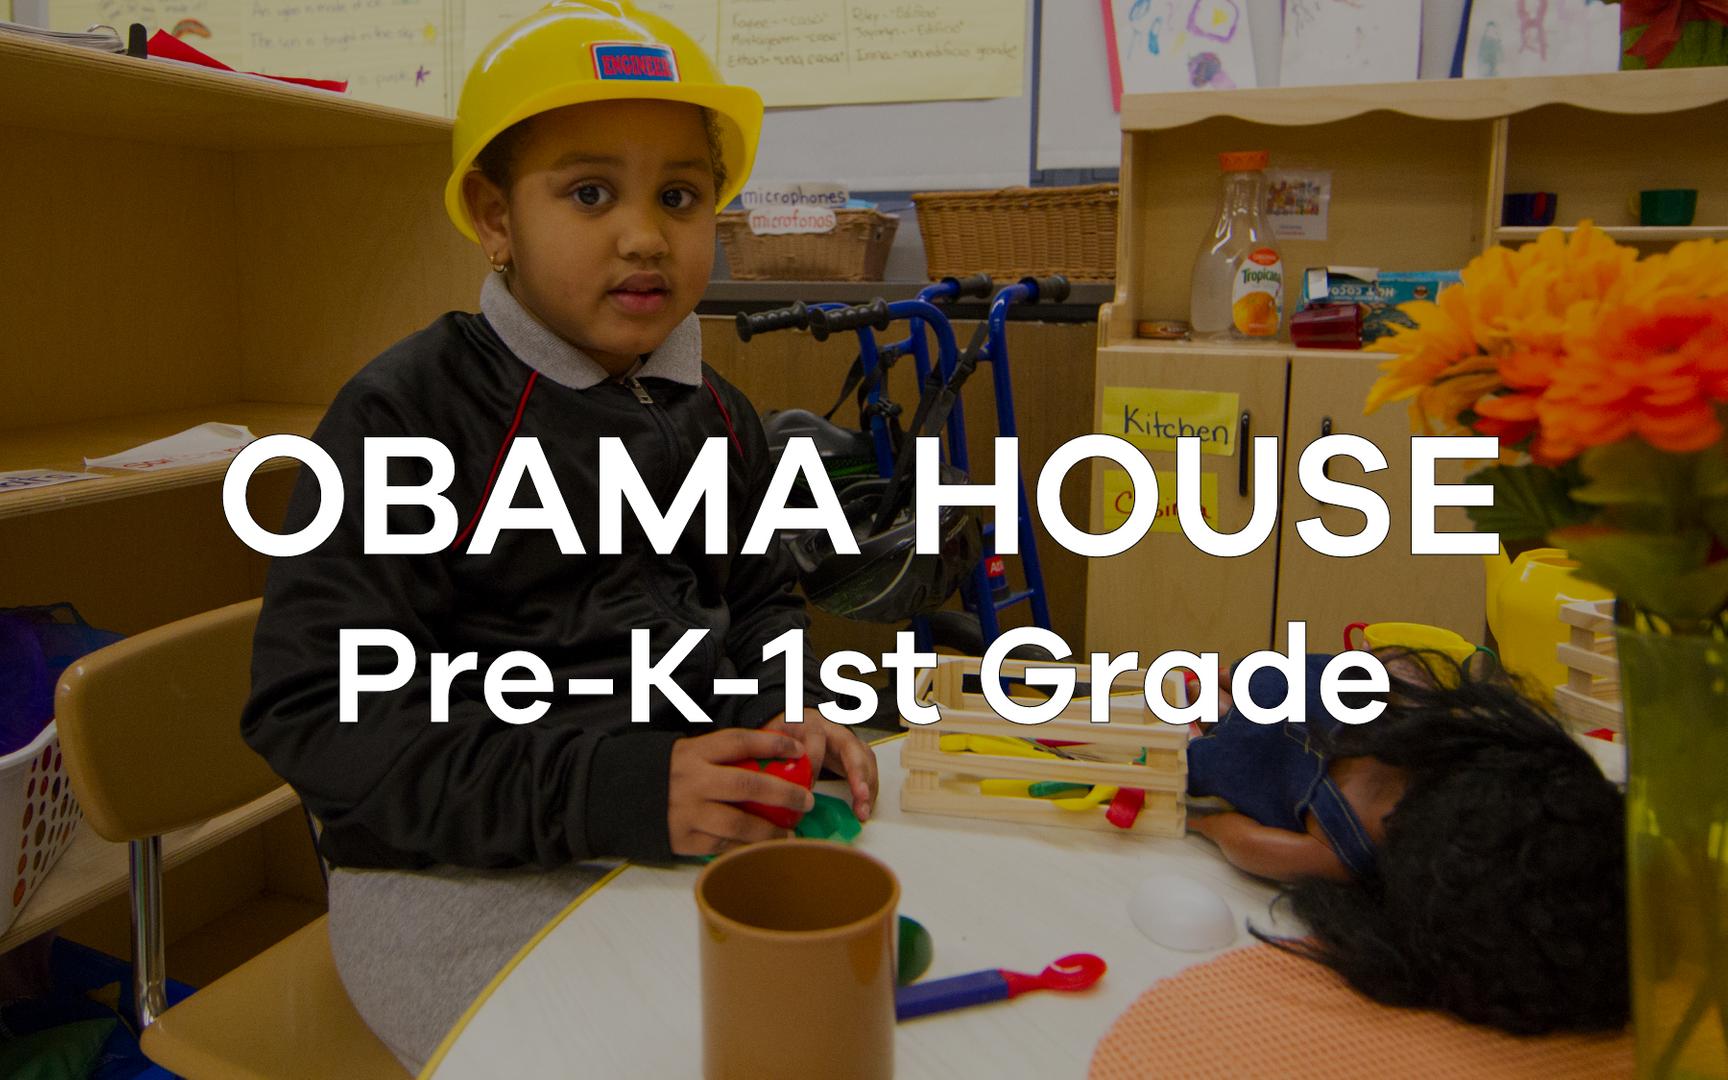 Obama House Pre-K - 1st Grade